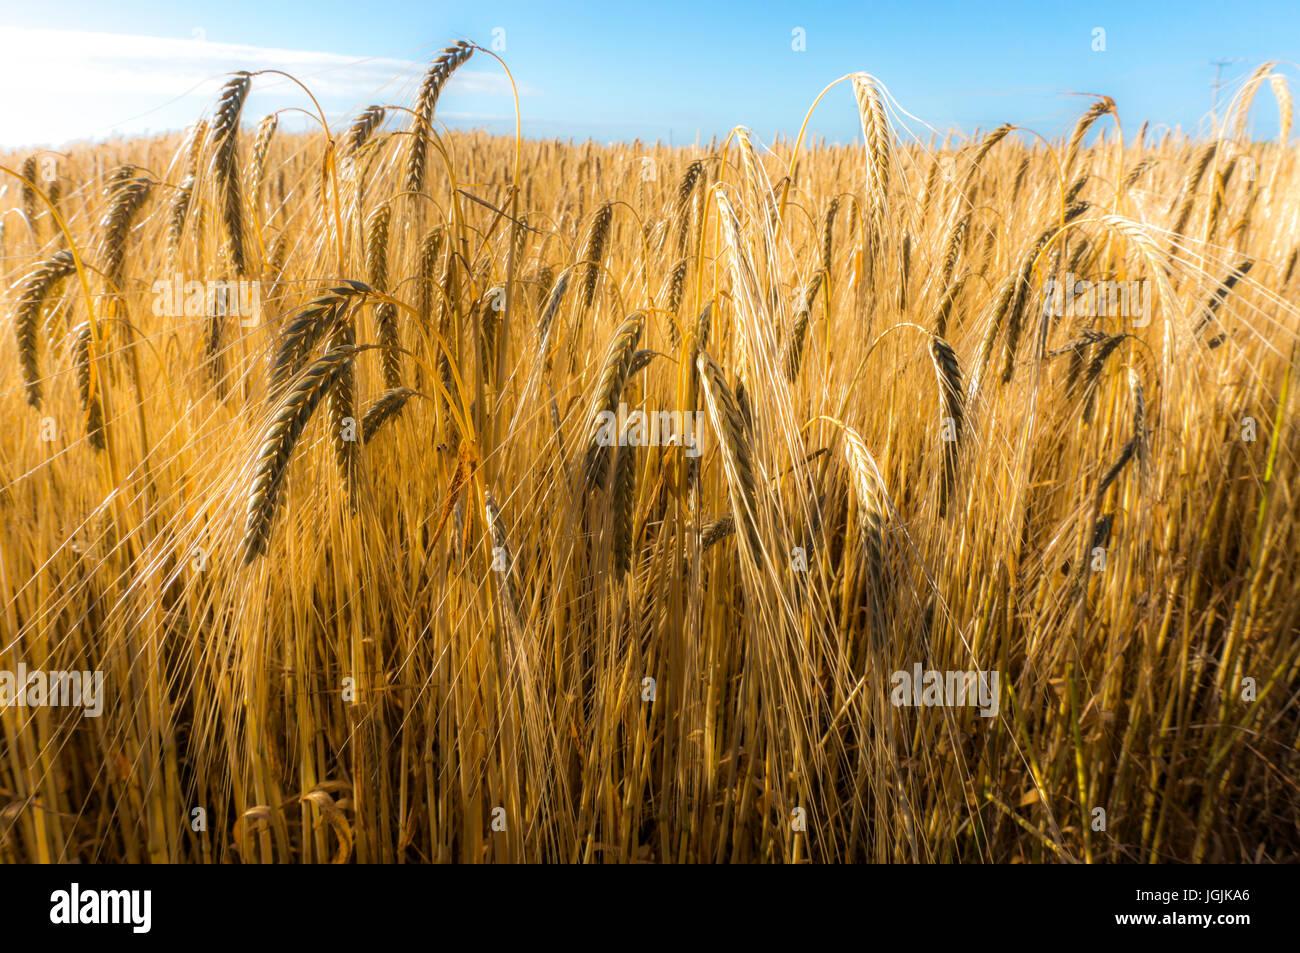 Una chiusura di un raccolto di grano che cresce in un campo molto presto una mattina d'estate, Langtoft, Lincolnshire, Immagini Stock